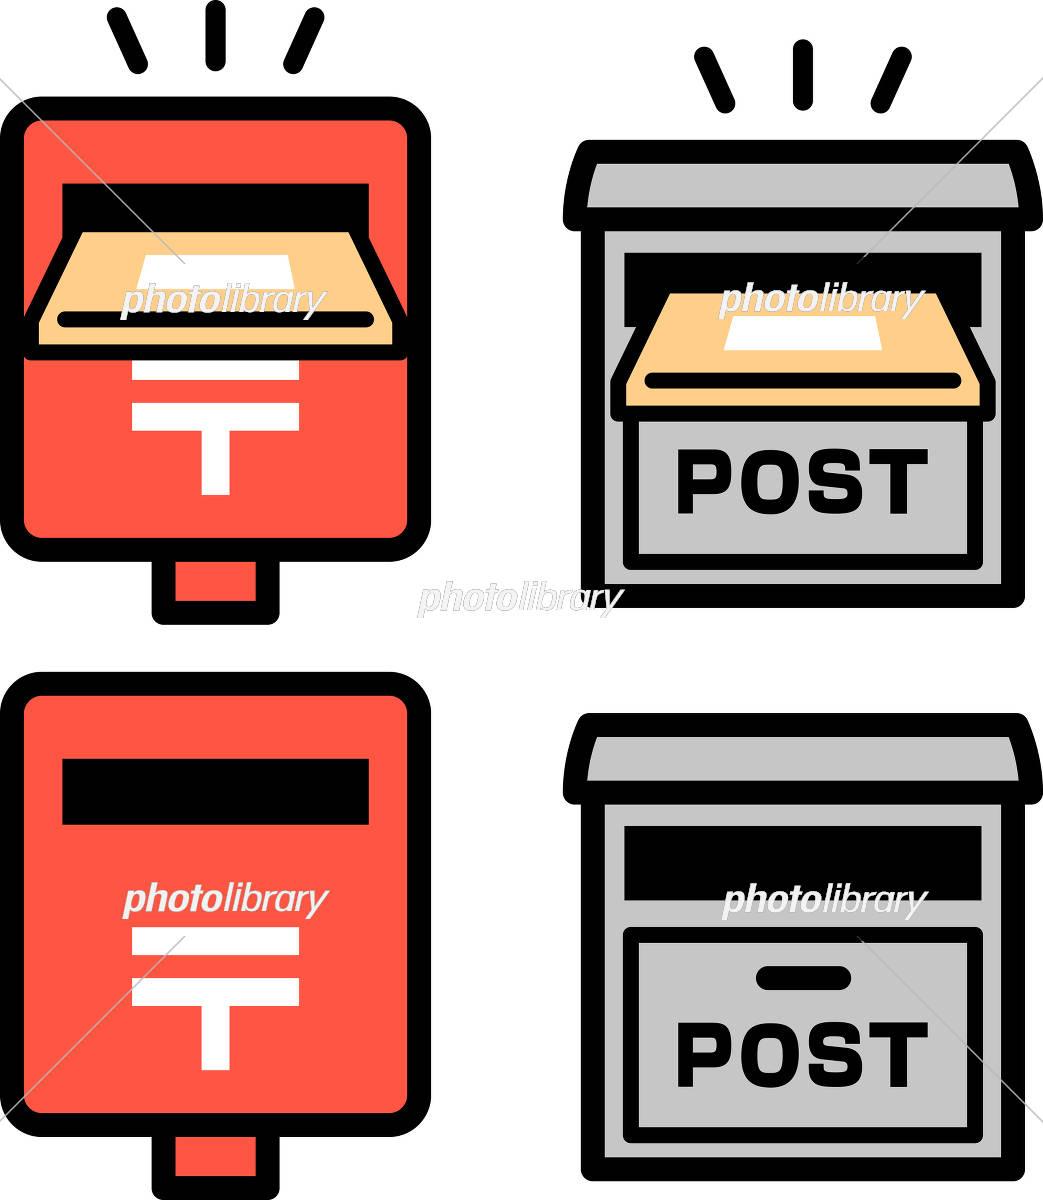 郵便受けに投函される荷物のアイコン イラスト素材 5632660